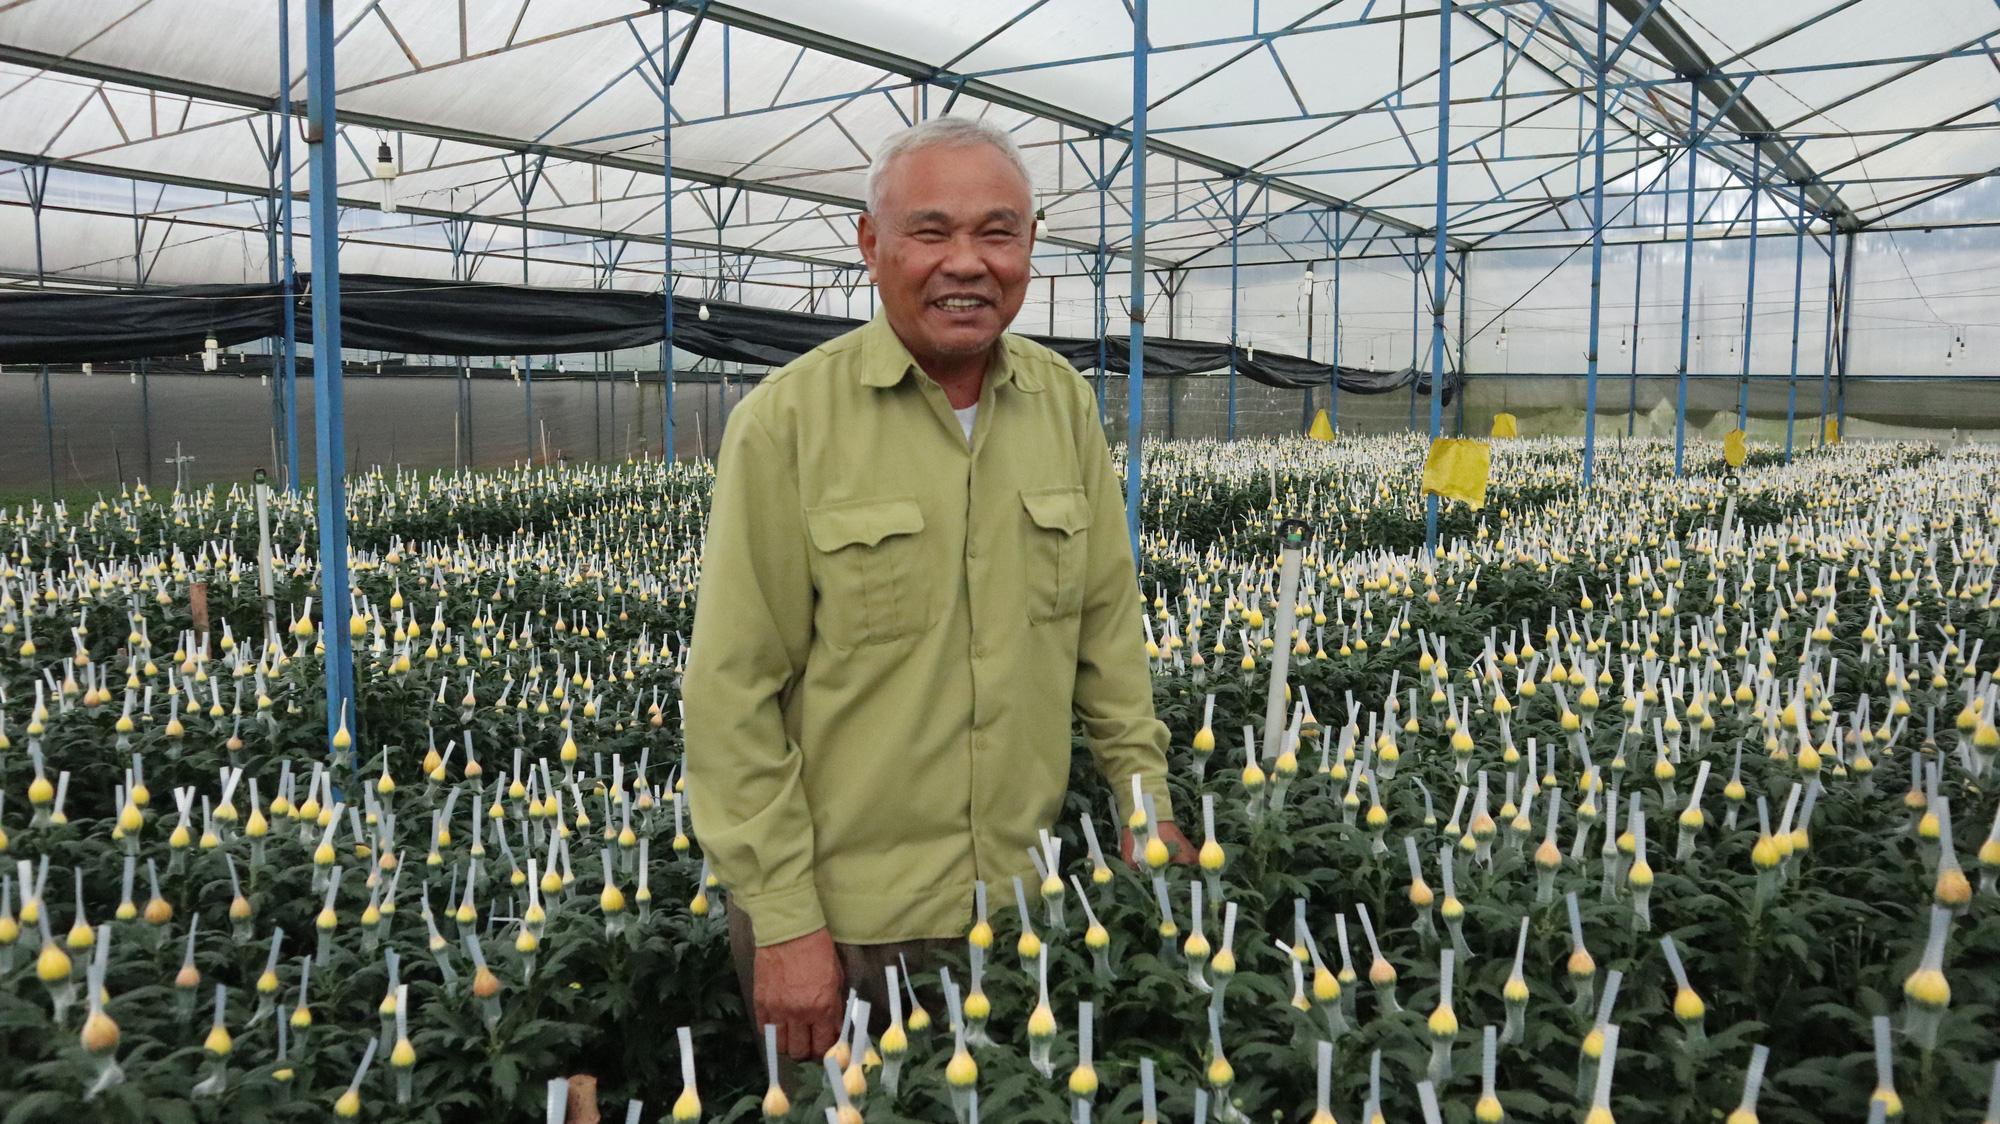 Lâm Đồng: Hơn 55 nghìn hộ dân đạt danh hiệu sản xuất kinh doanh giỏi  - Ảnh 1.